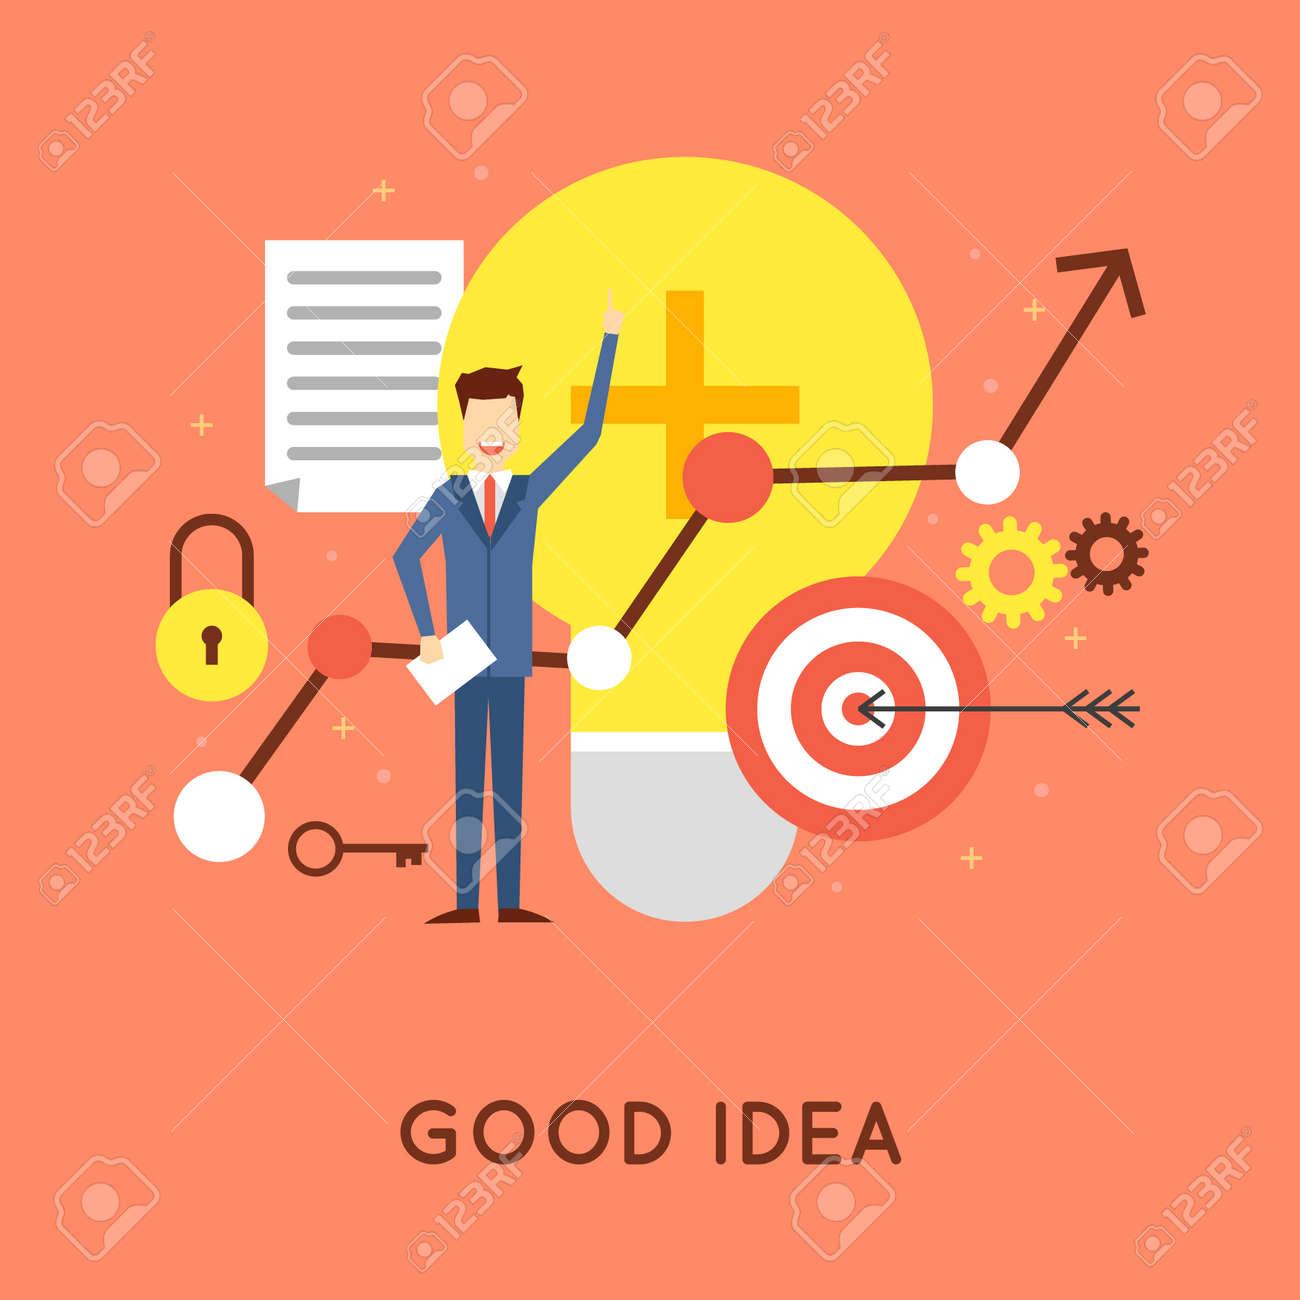 Good Idea Business Start Up Solution Inspiration Flat Design